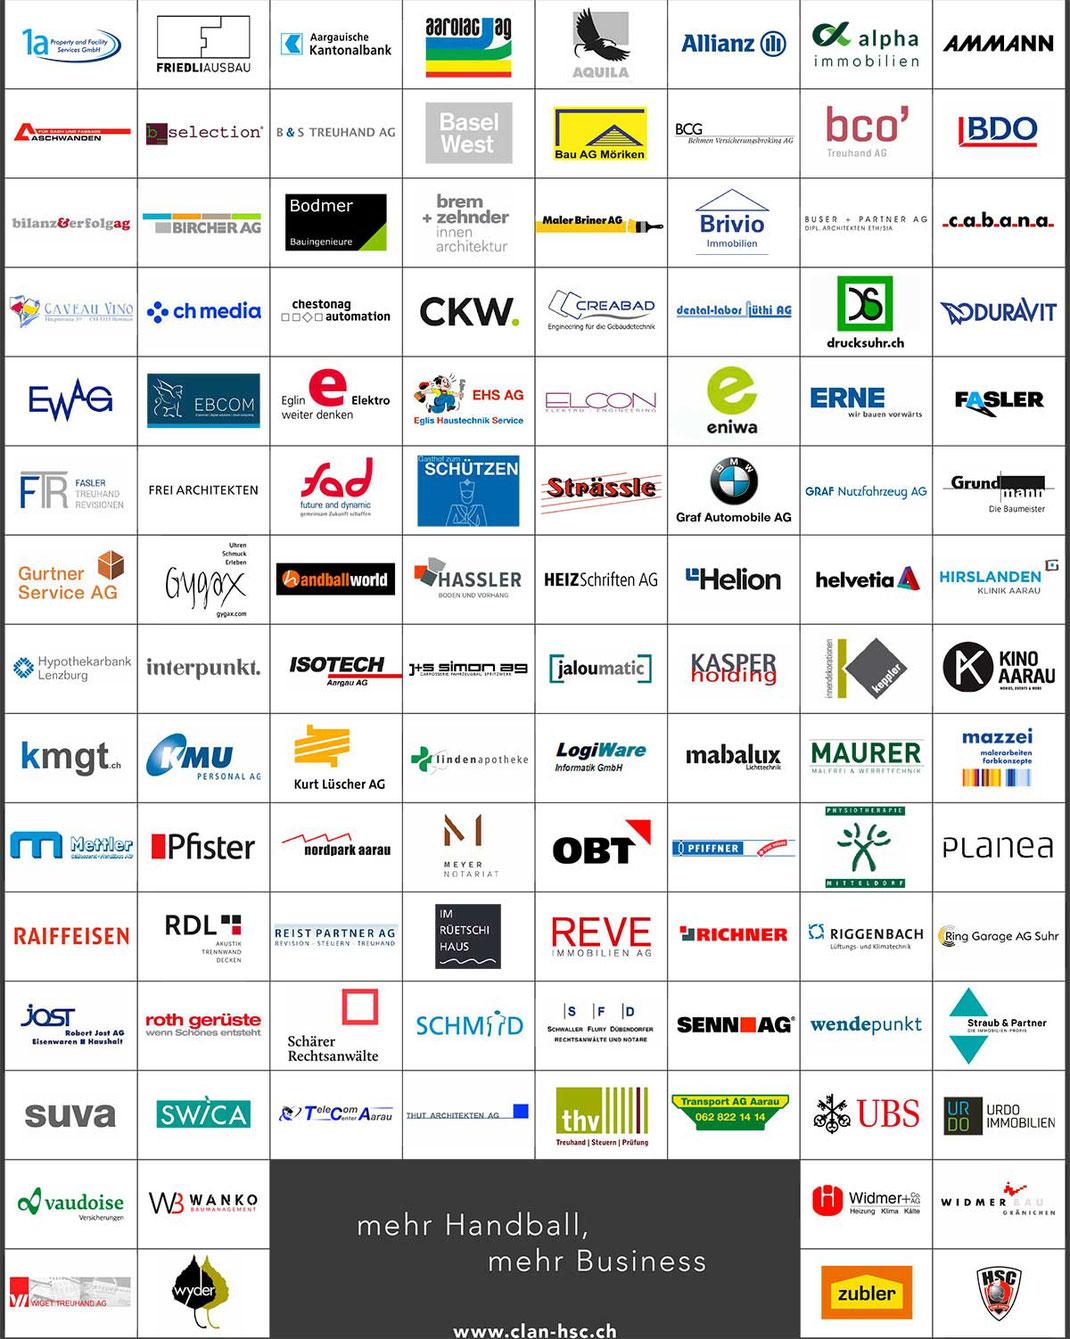 CLAN HSC - das Business-Netzwerk des HSC Suhr Aarau